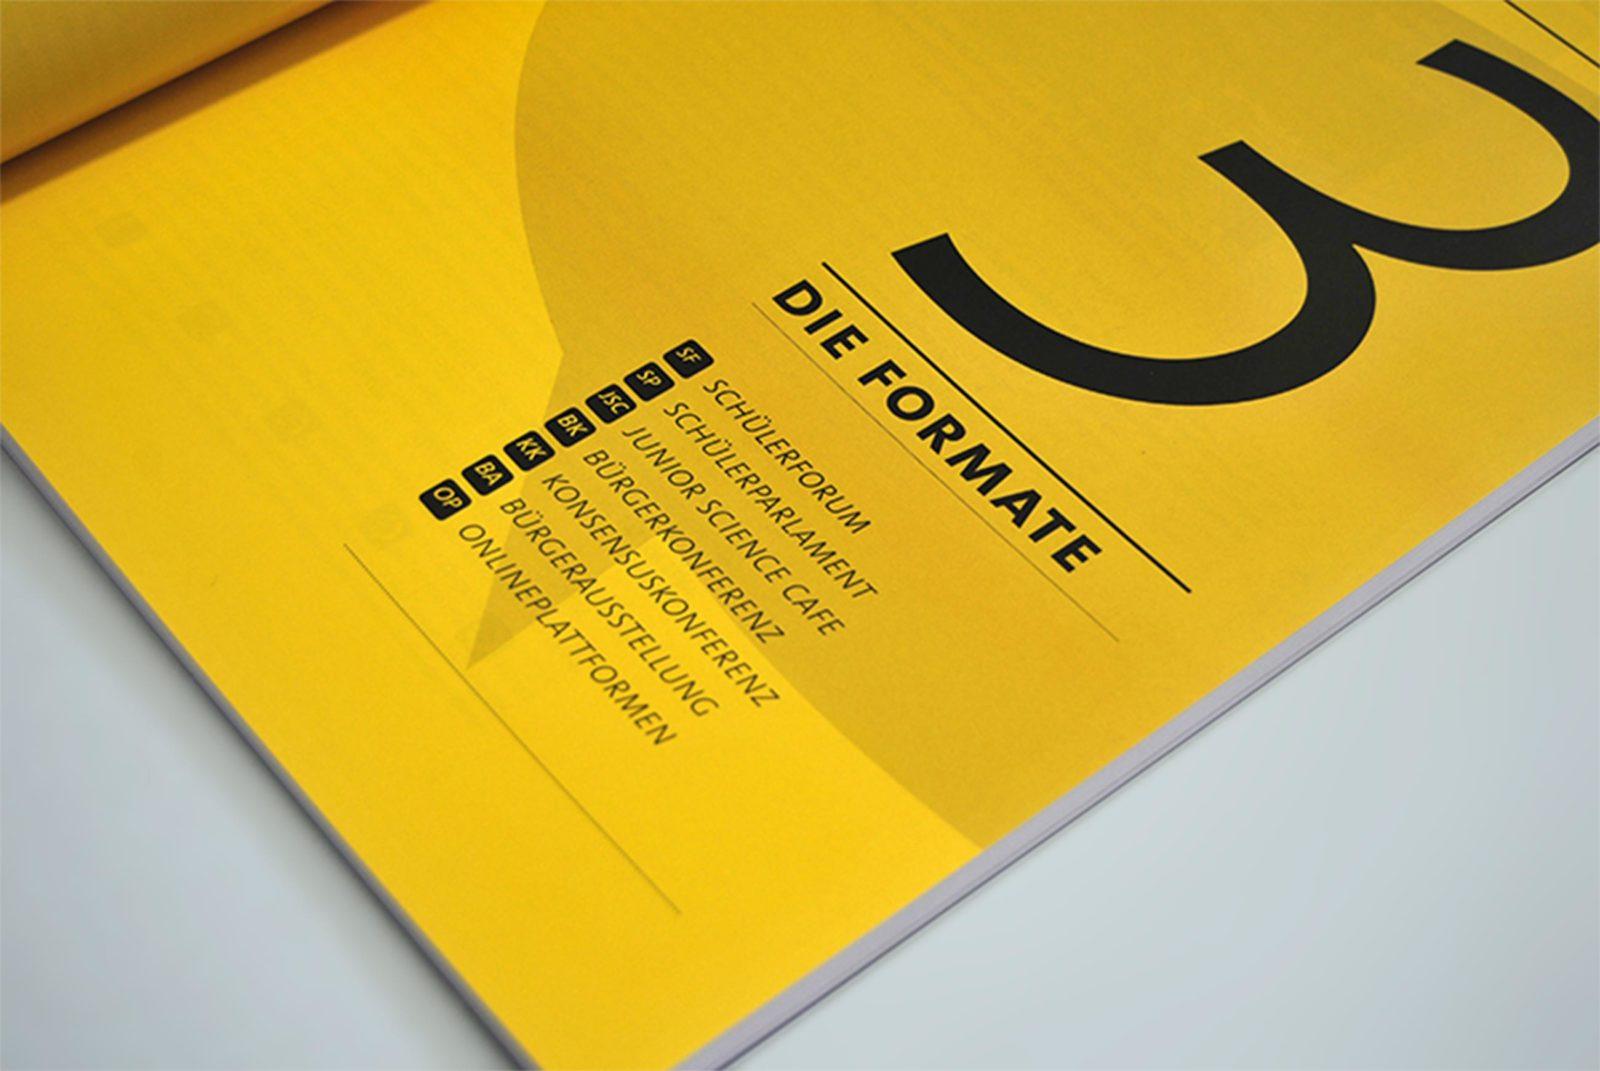 Editienne Grafikdesign - Kommunikationsdesign Berlin- Corporate Publishing Editorial Design Wissenschaft im Dialog 18